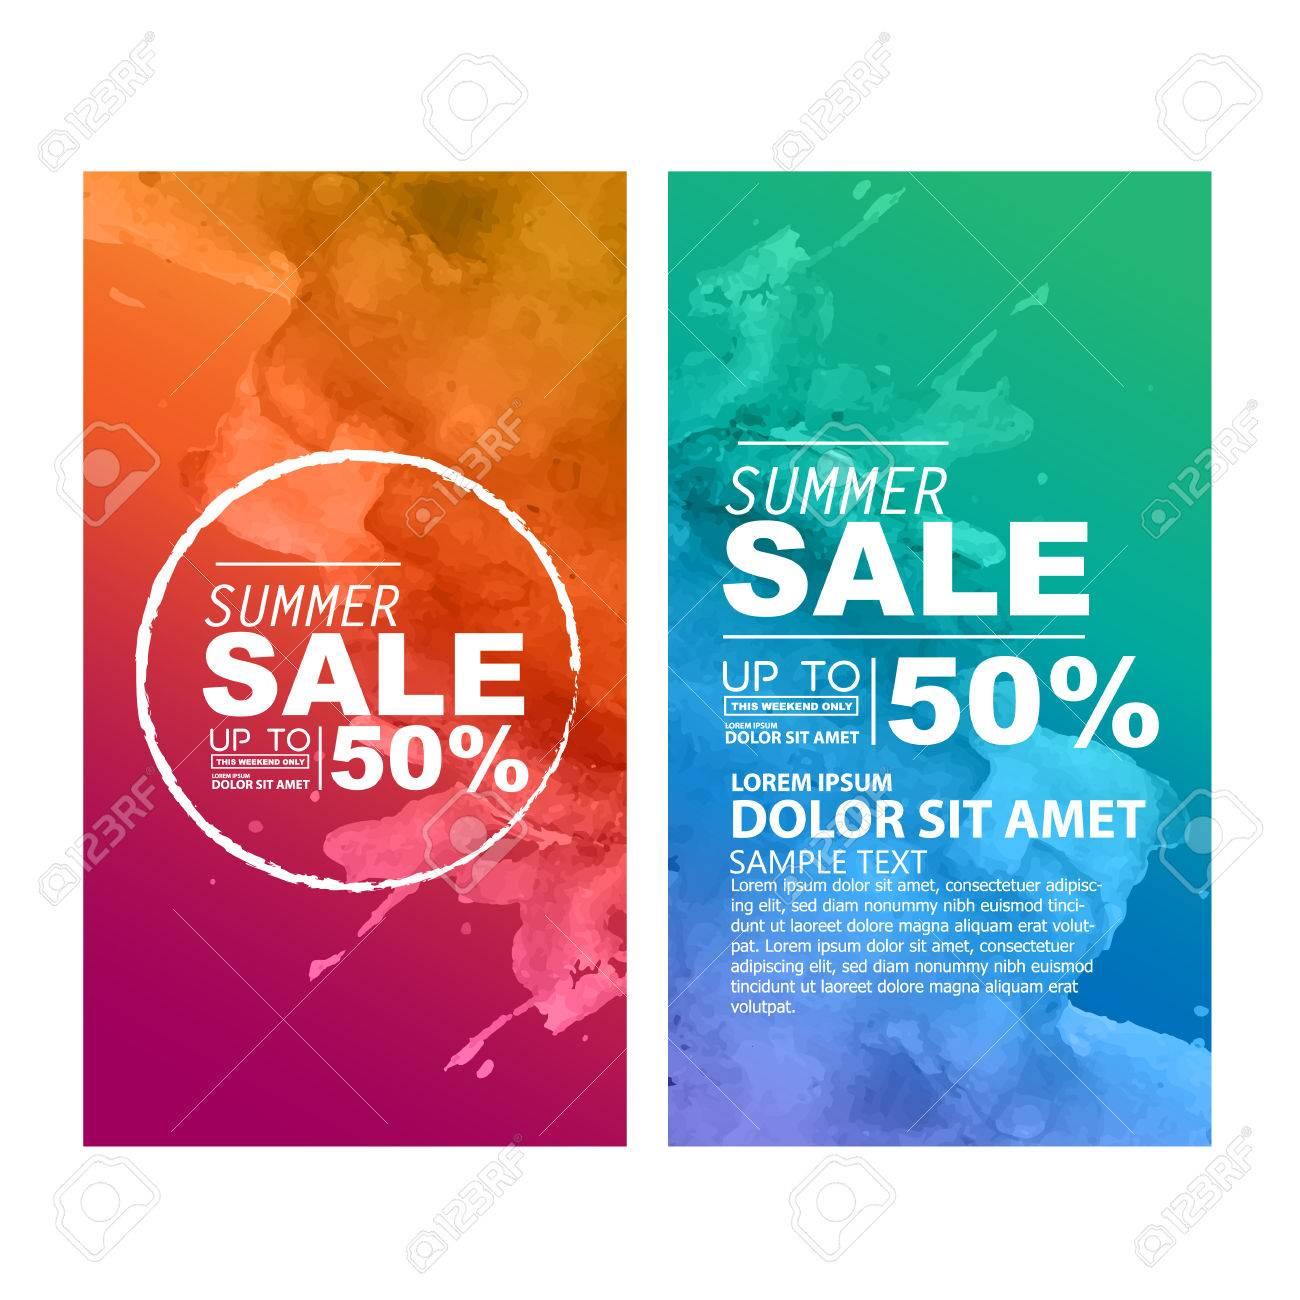 summer sale - 54307530